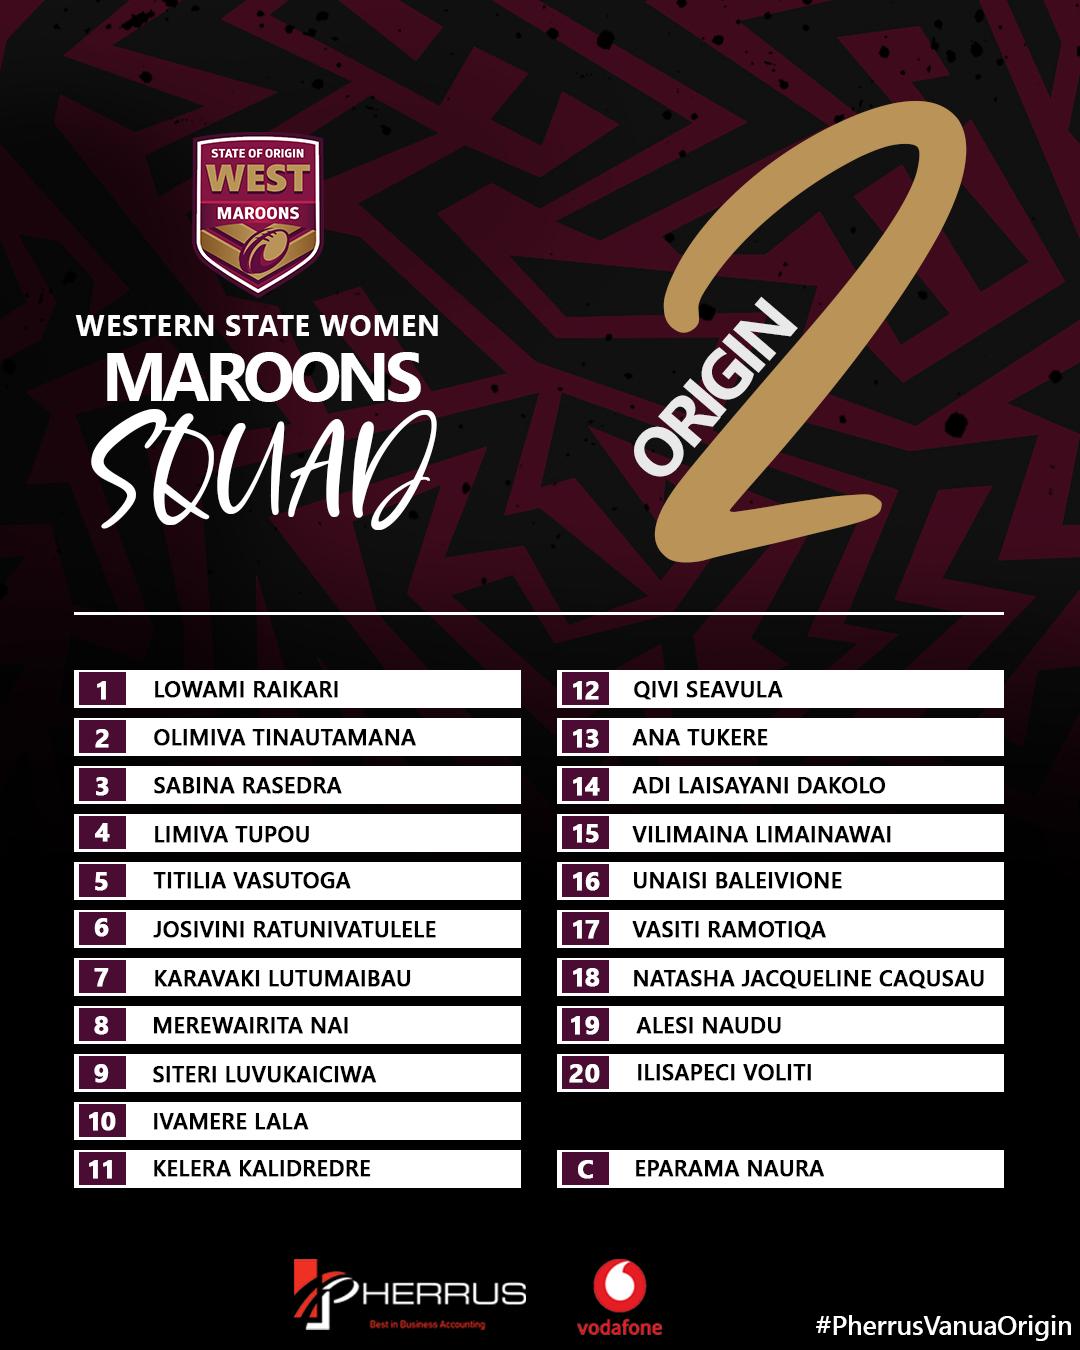 Maroons Women's Team